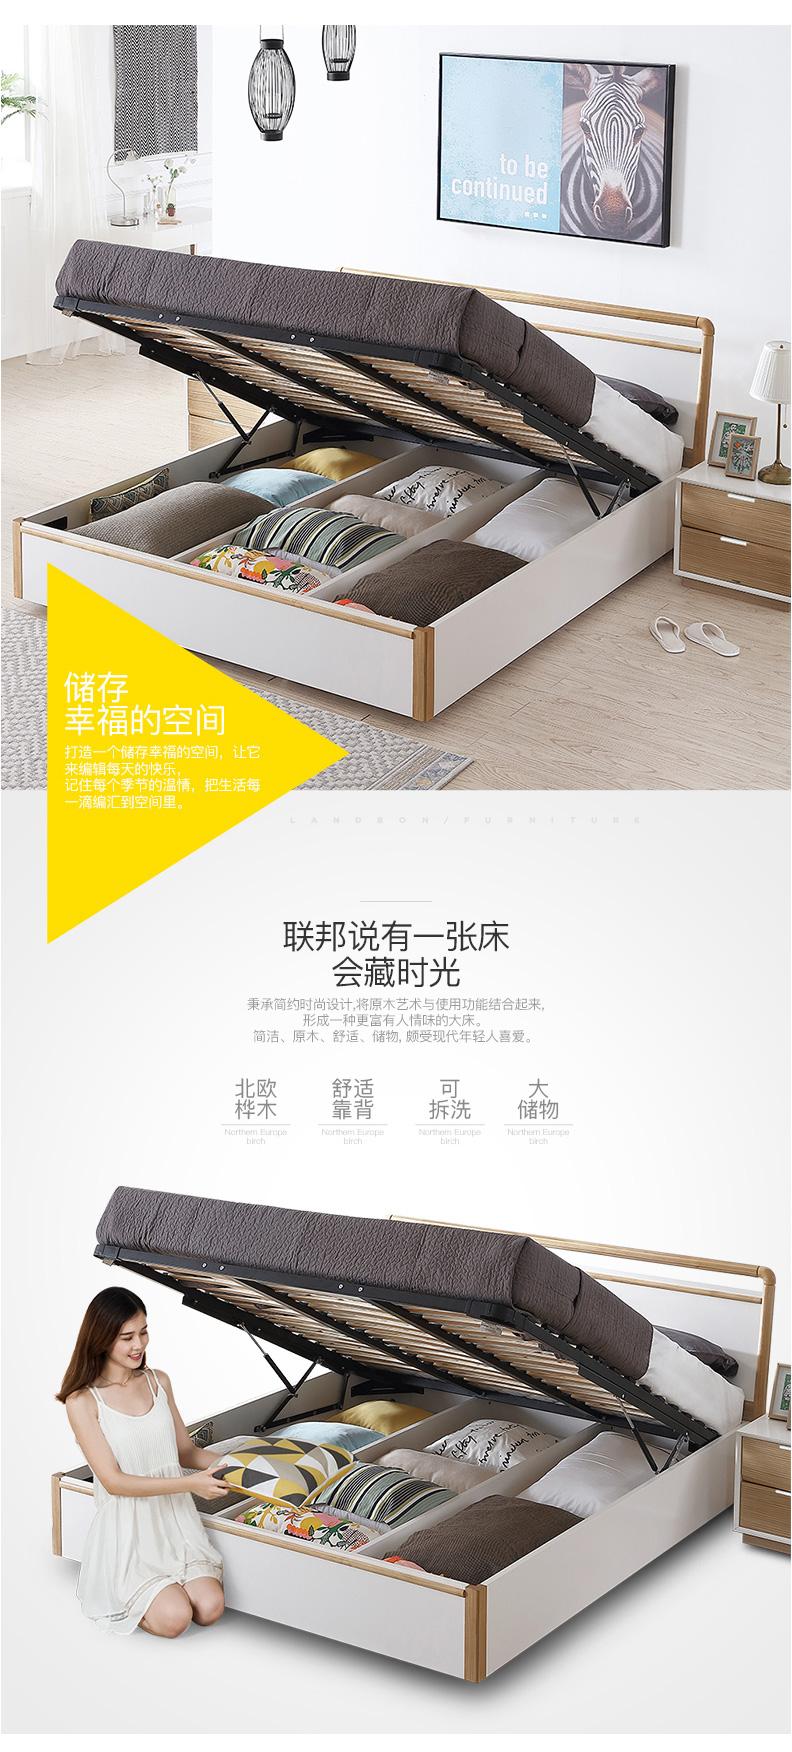 联邦家具-北欧风格软靠实木床1_06.jpg